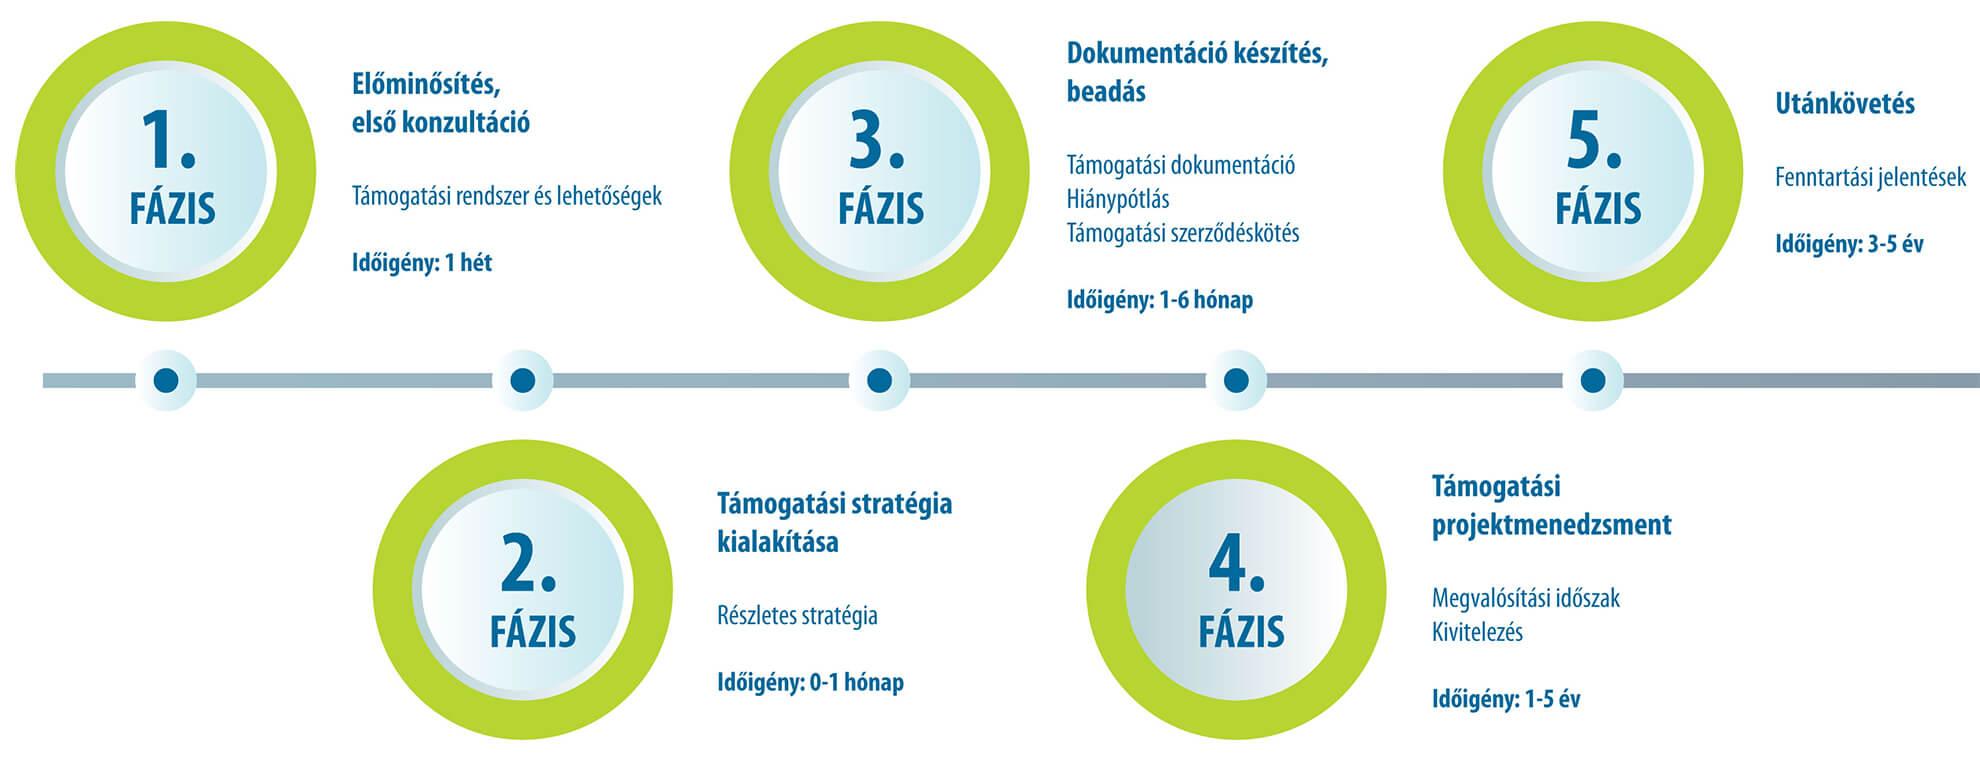 Támogatási életciklus